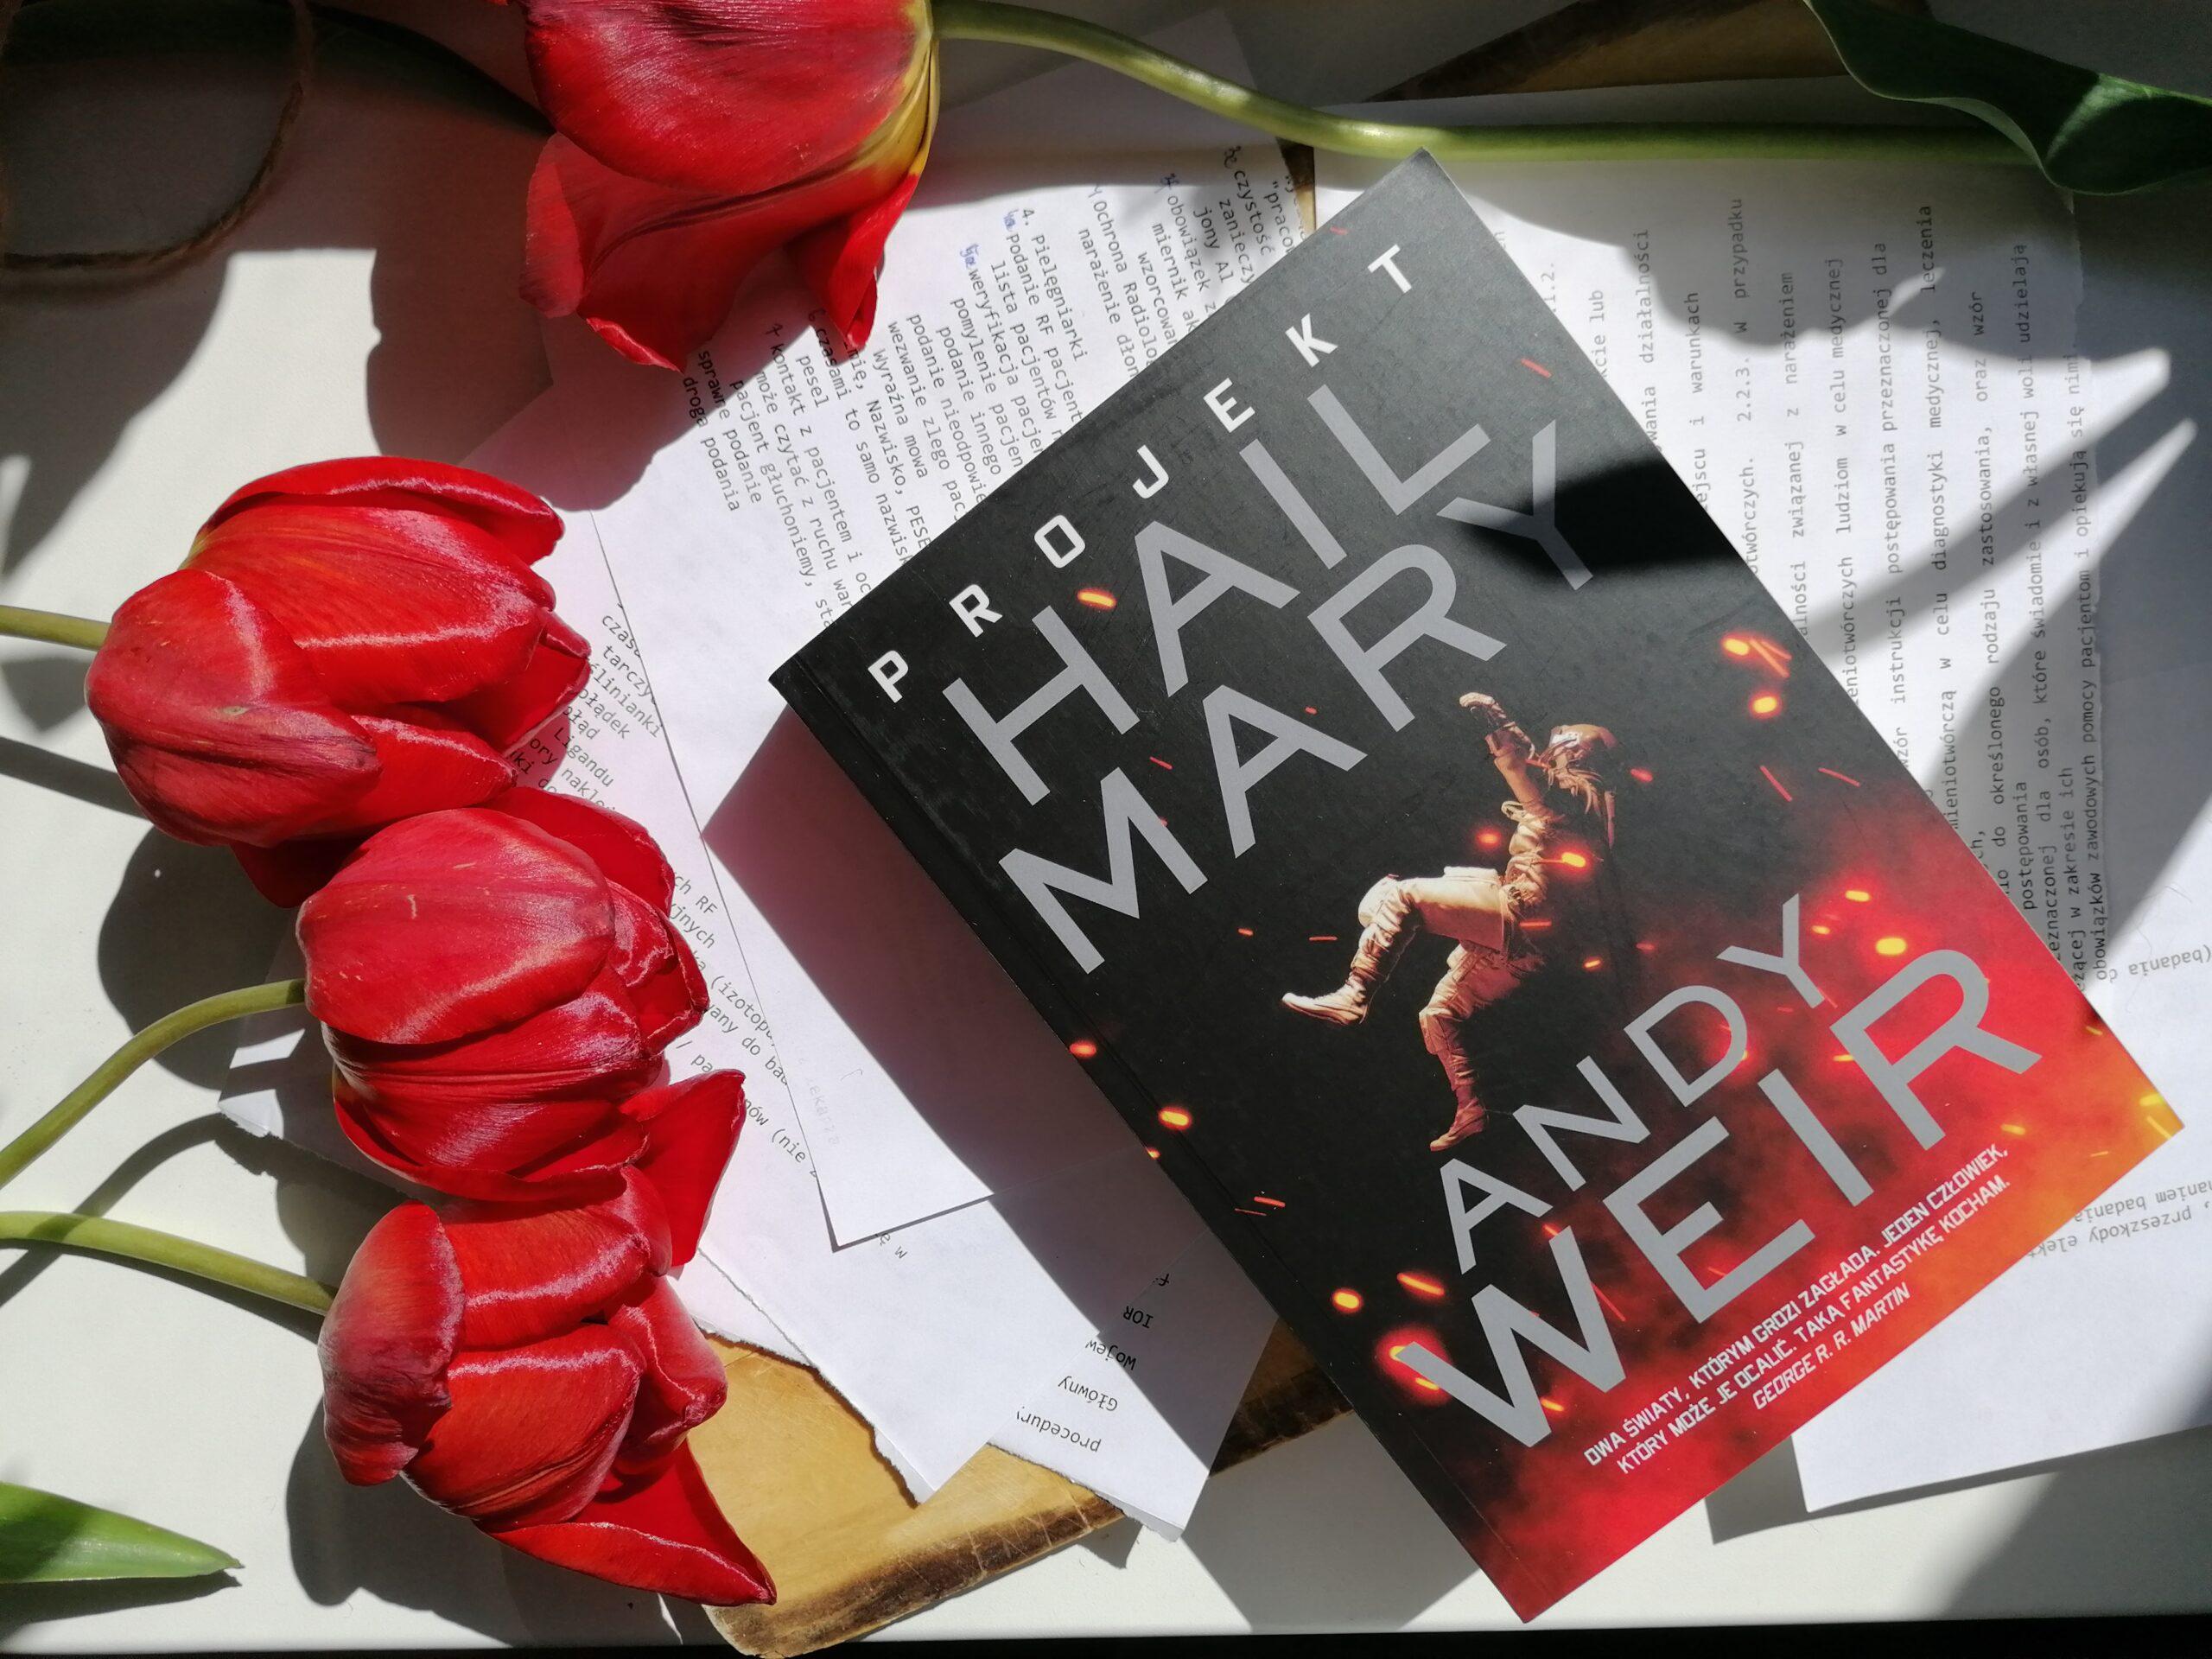 Recenzja: Projekt Hail Mary - Andy Weir